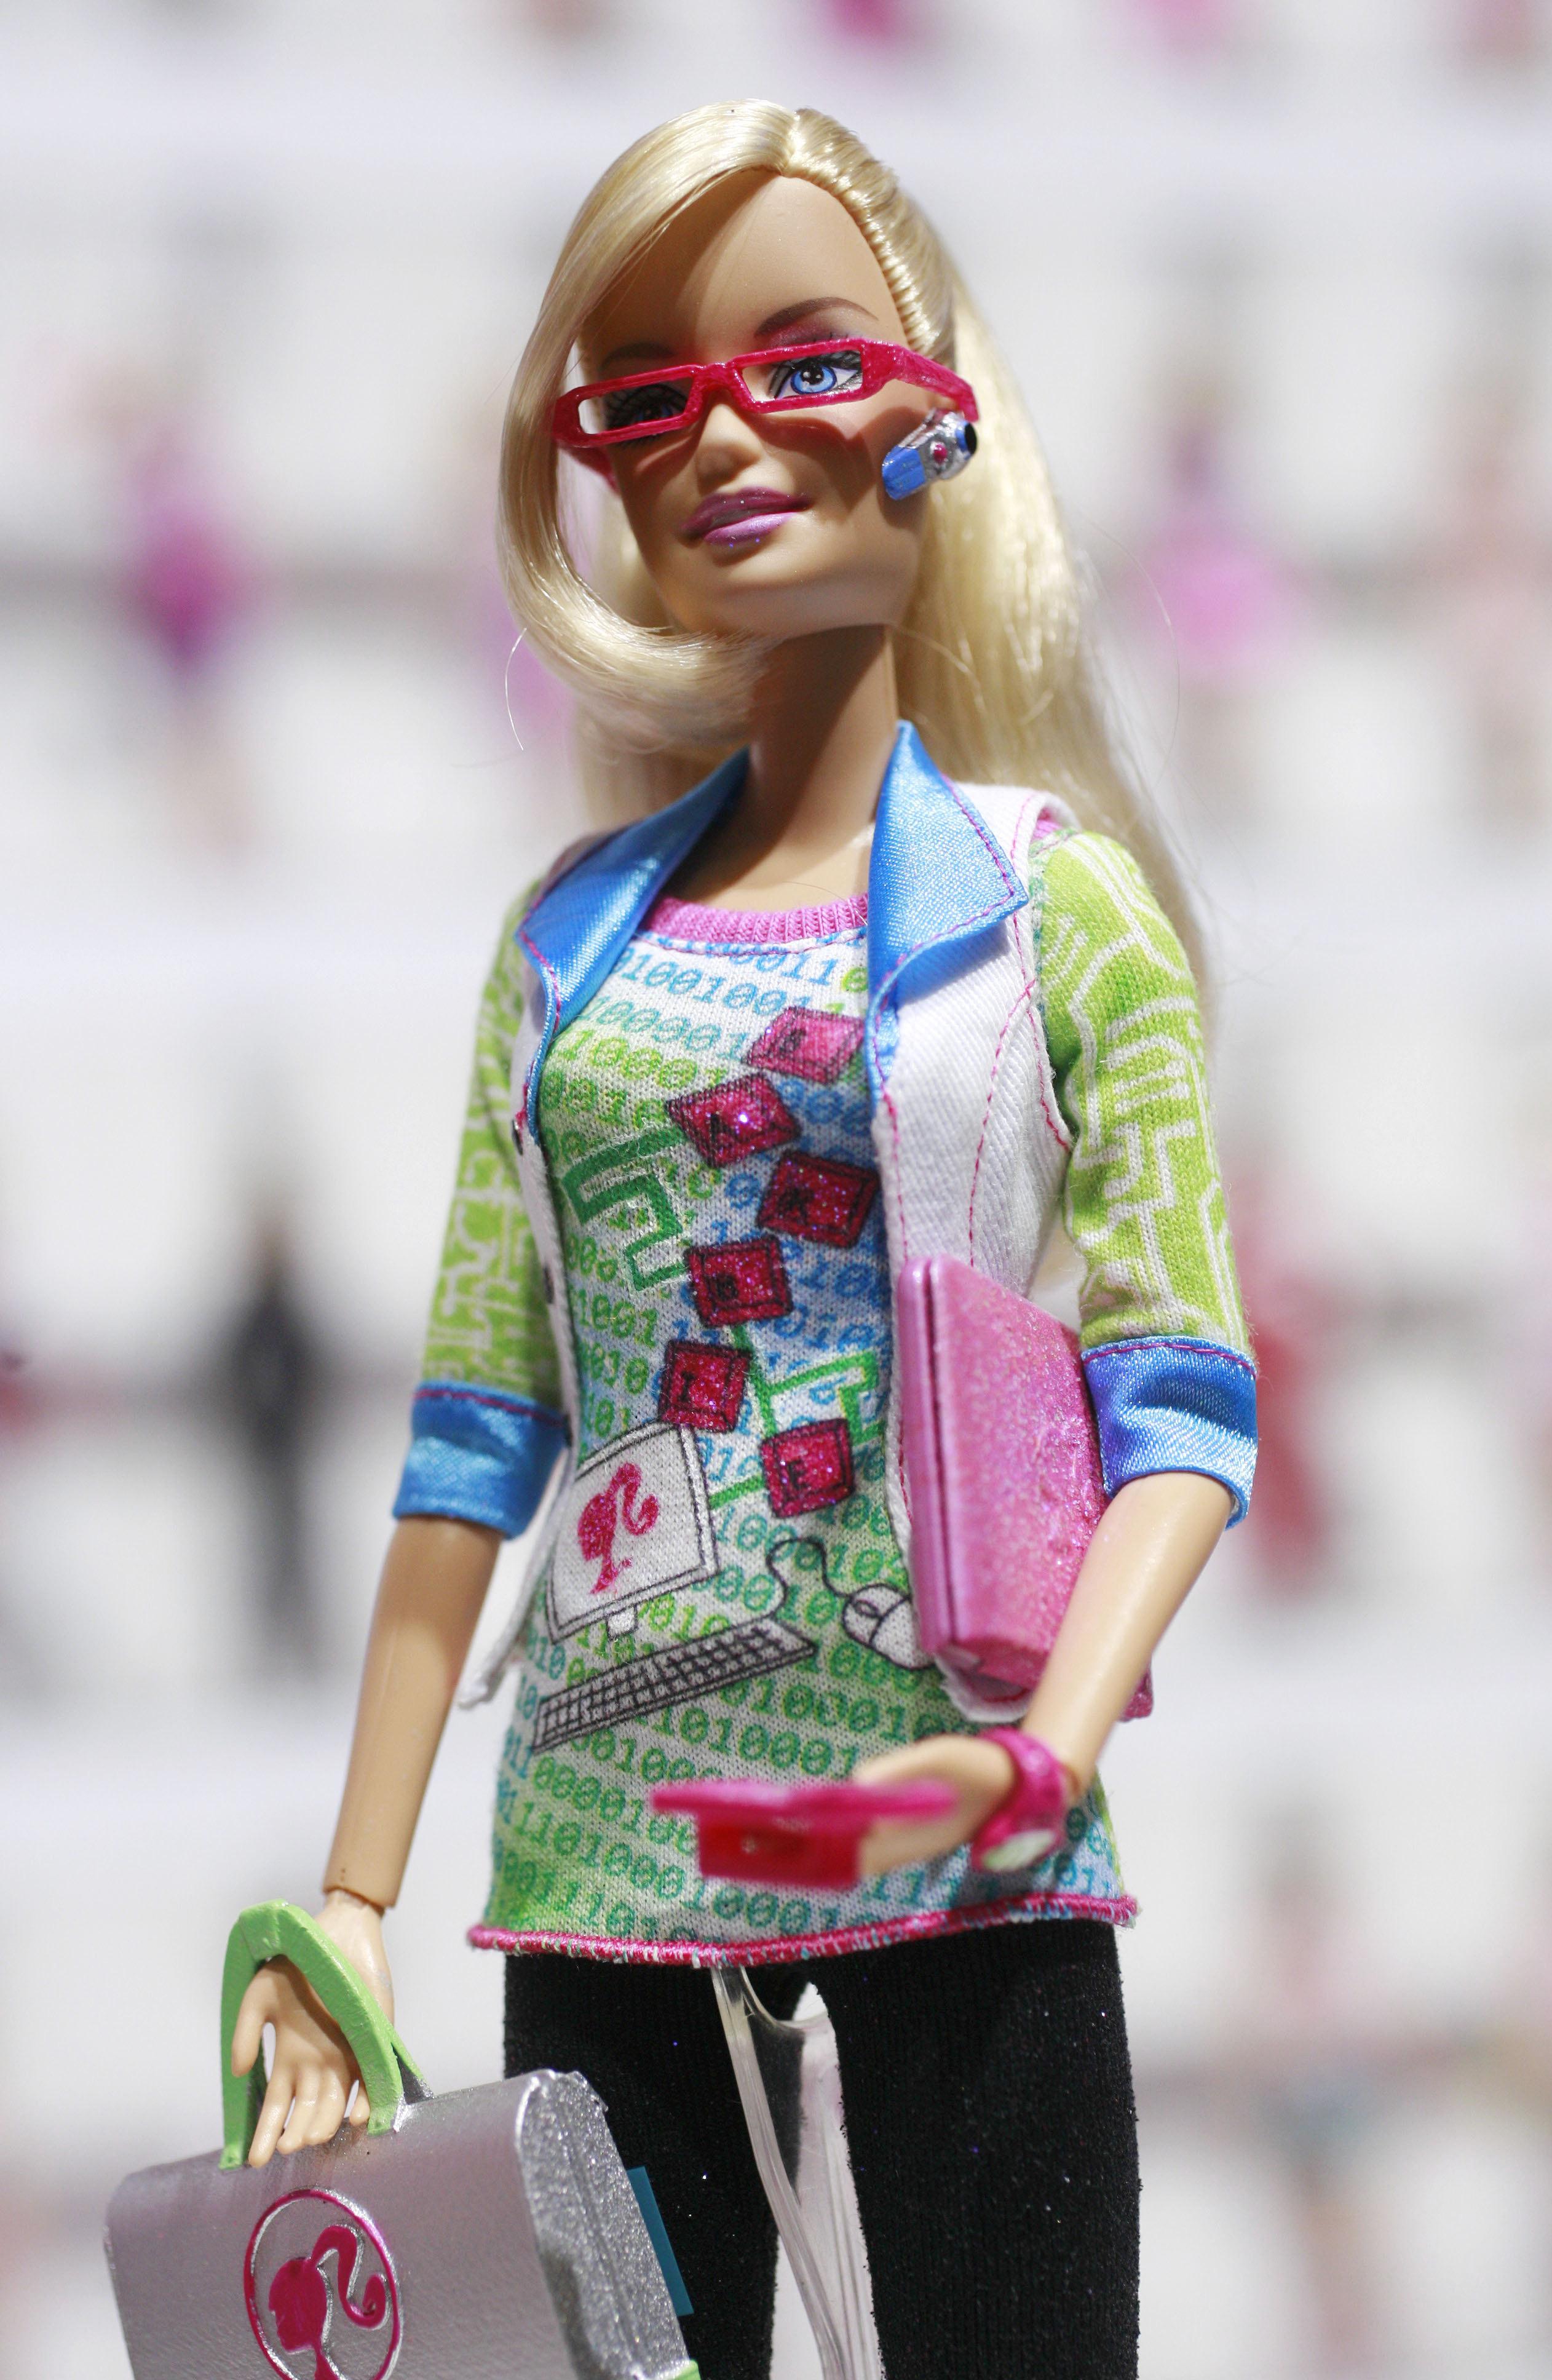 After Backlash Computer Engineer Barbie Gets New Set Of Skills Npr